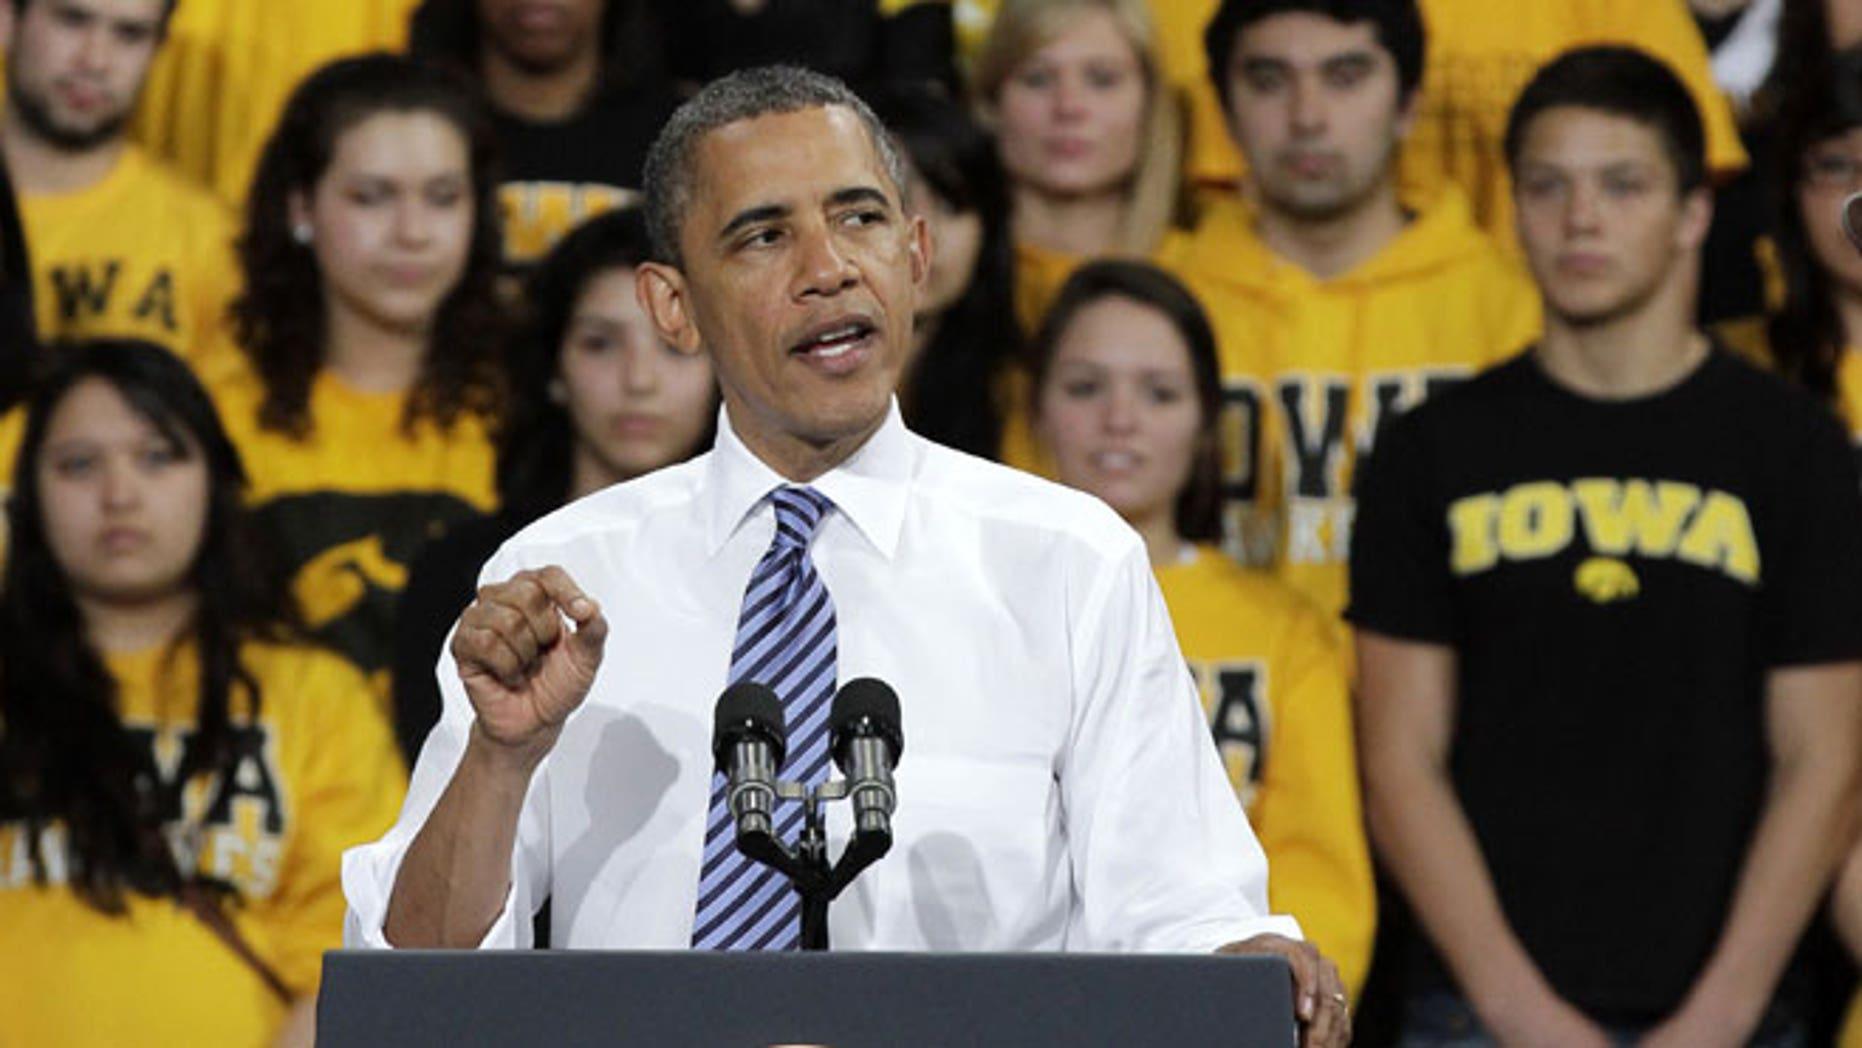 April 25, 2012: President Barack Obama speaks at the University of Iowa Field House in Iowa City, Iowa.